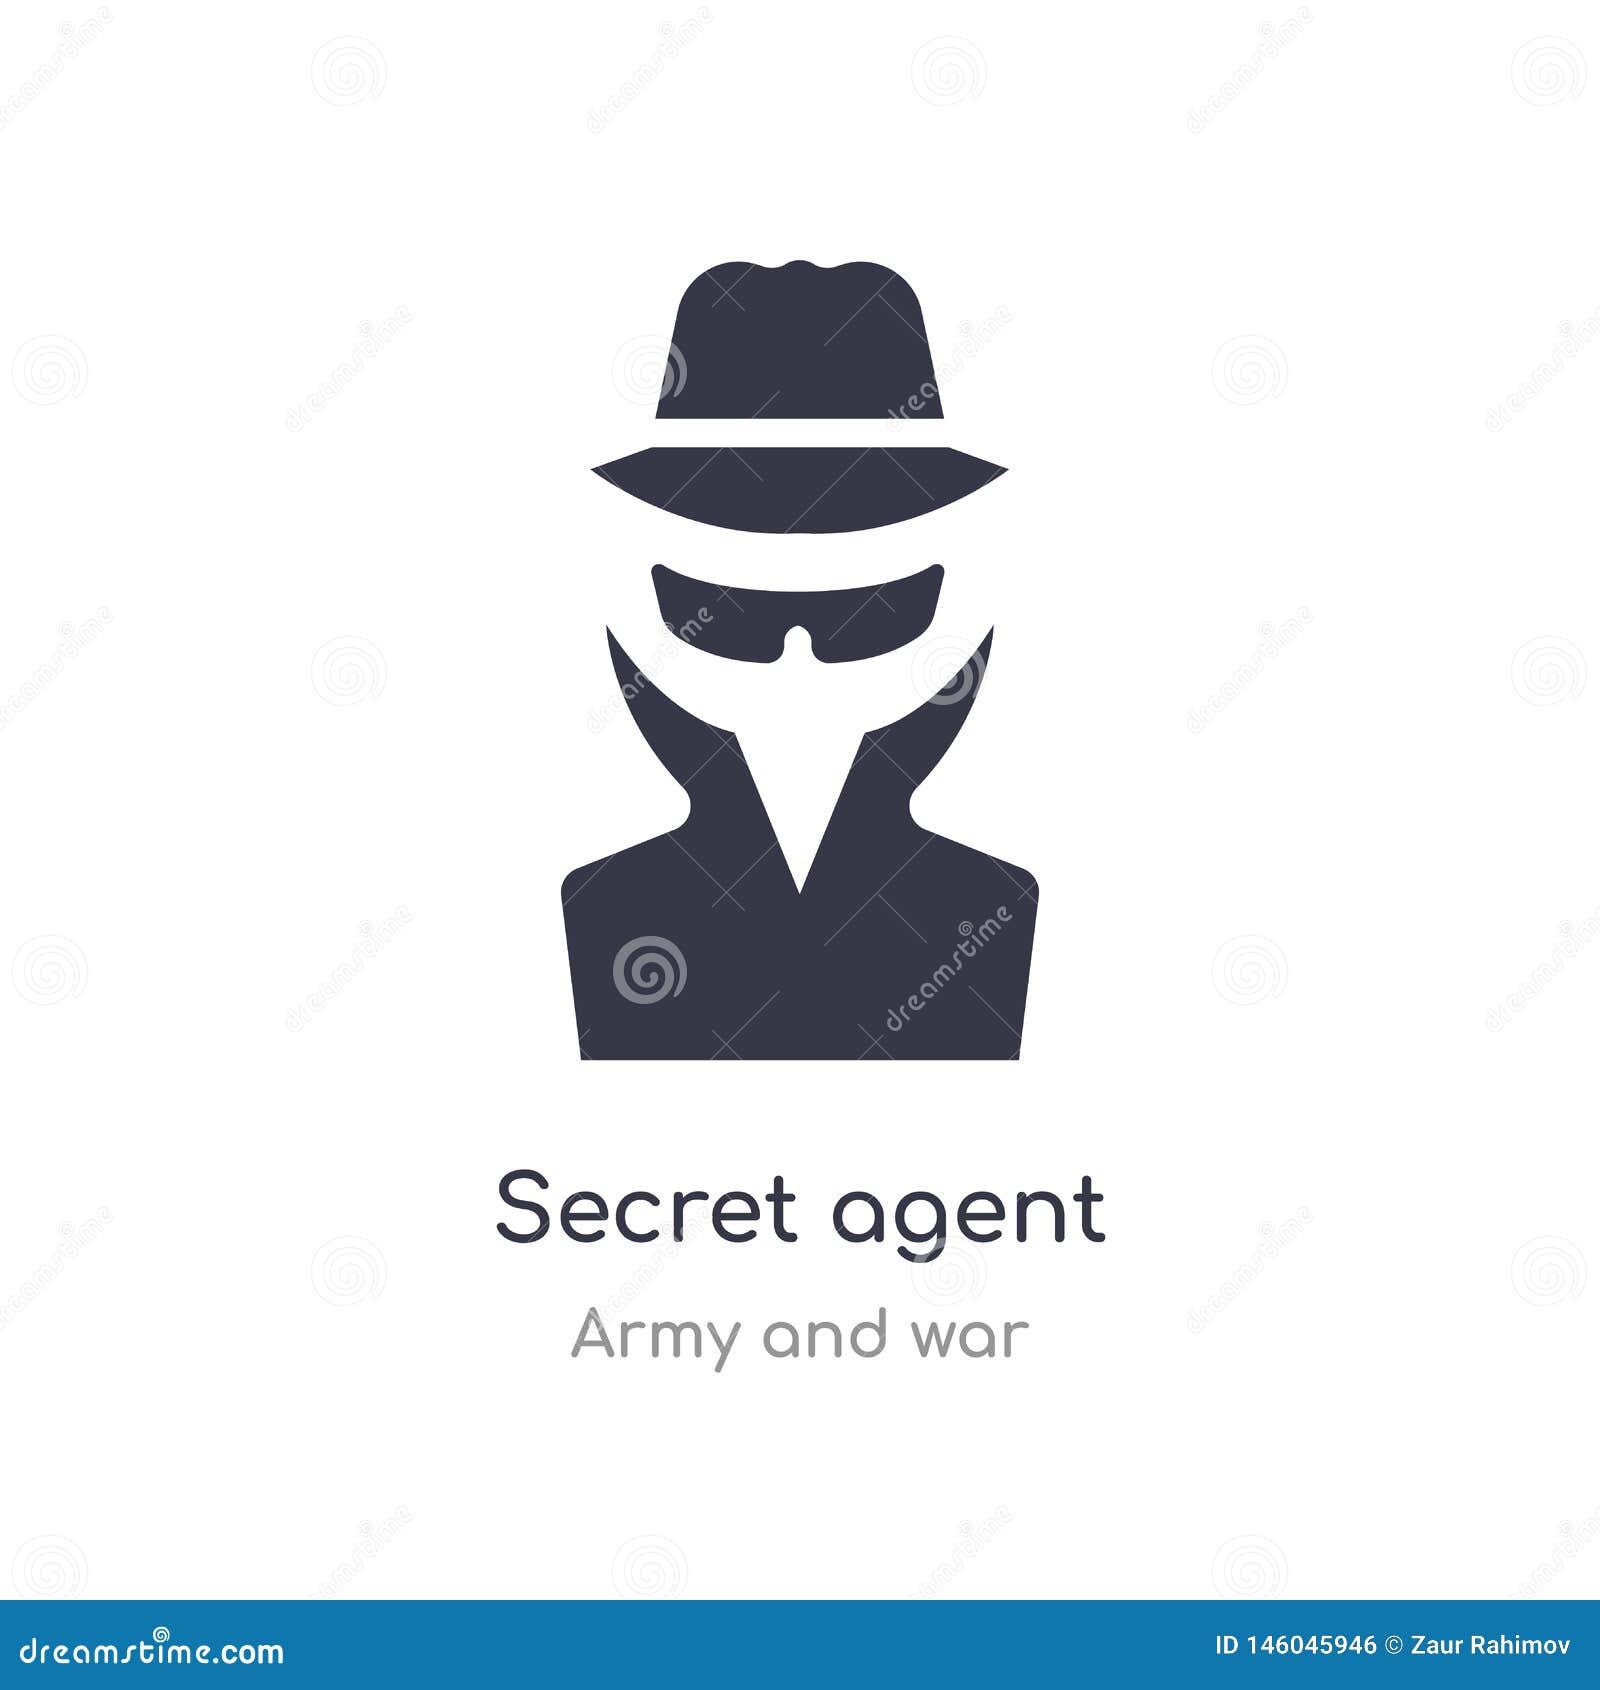 Icono del agente secreto ejemplo aislado del vector del icono del agente secreto de la colección del ejército y de la guerra edit